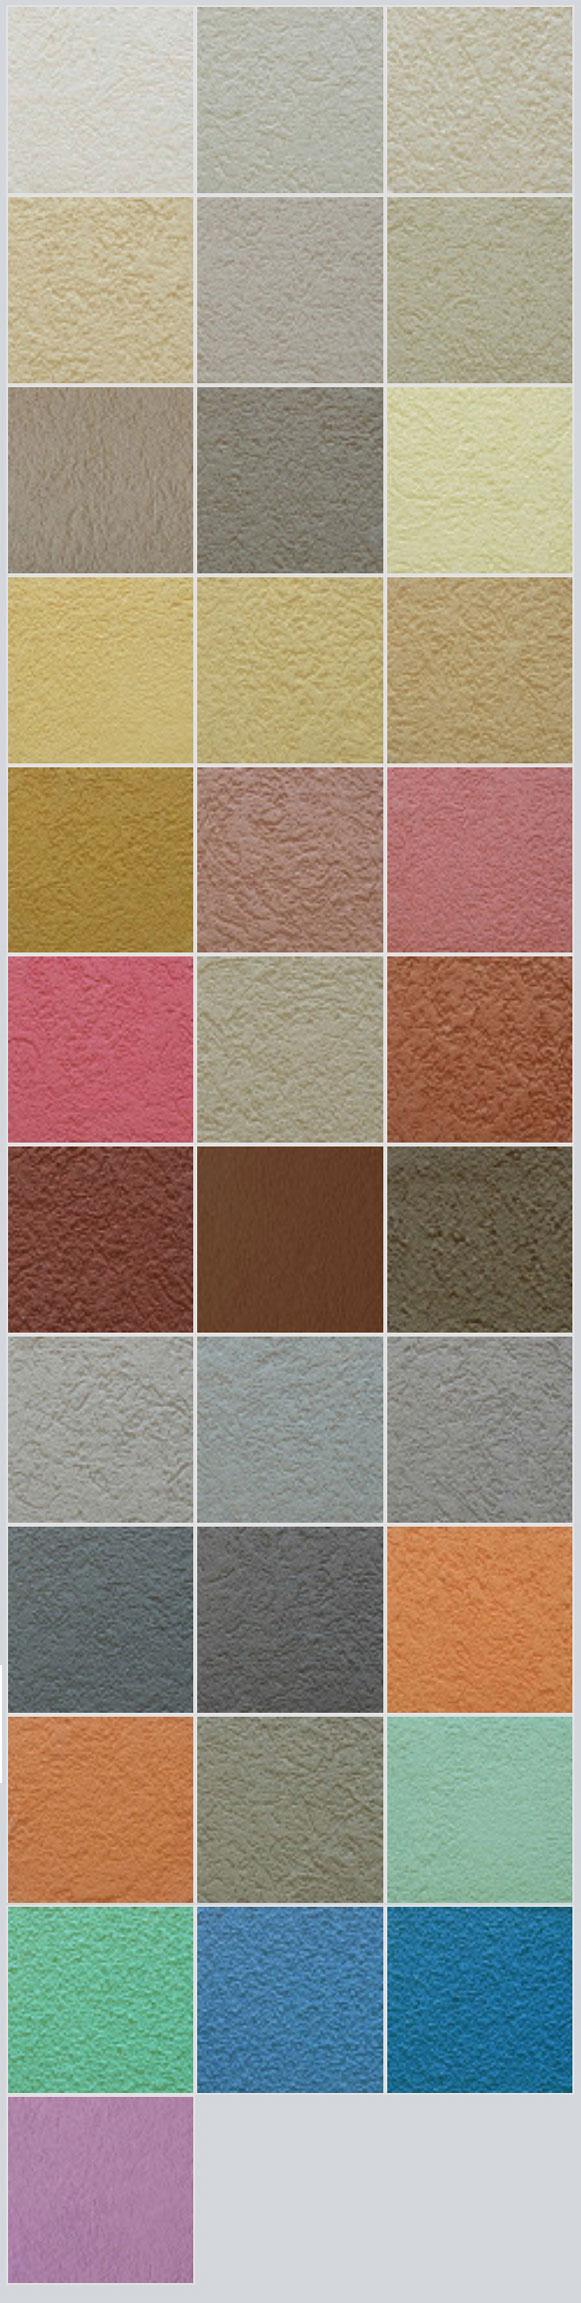 Colores Revestimiento texturado Revestikol